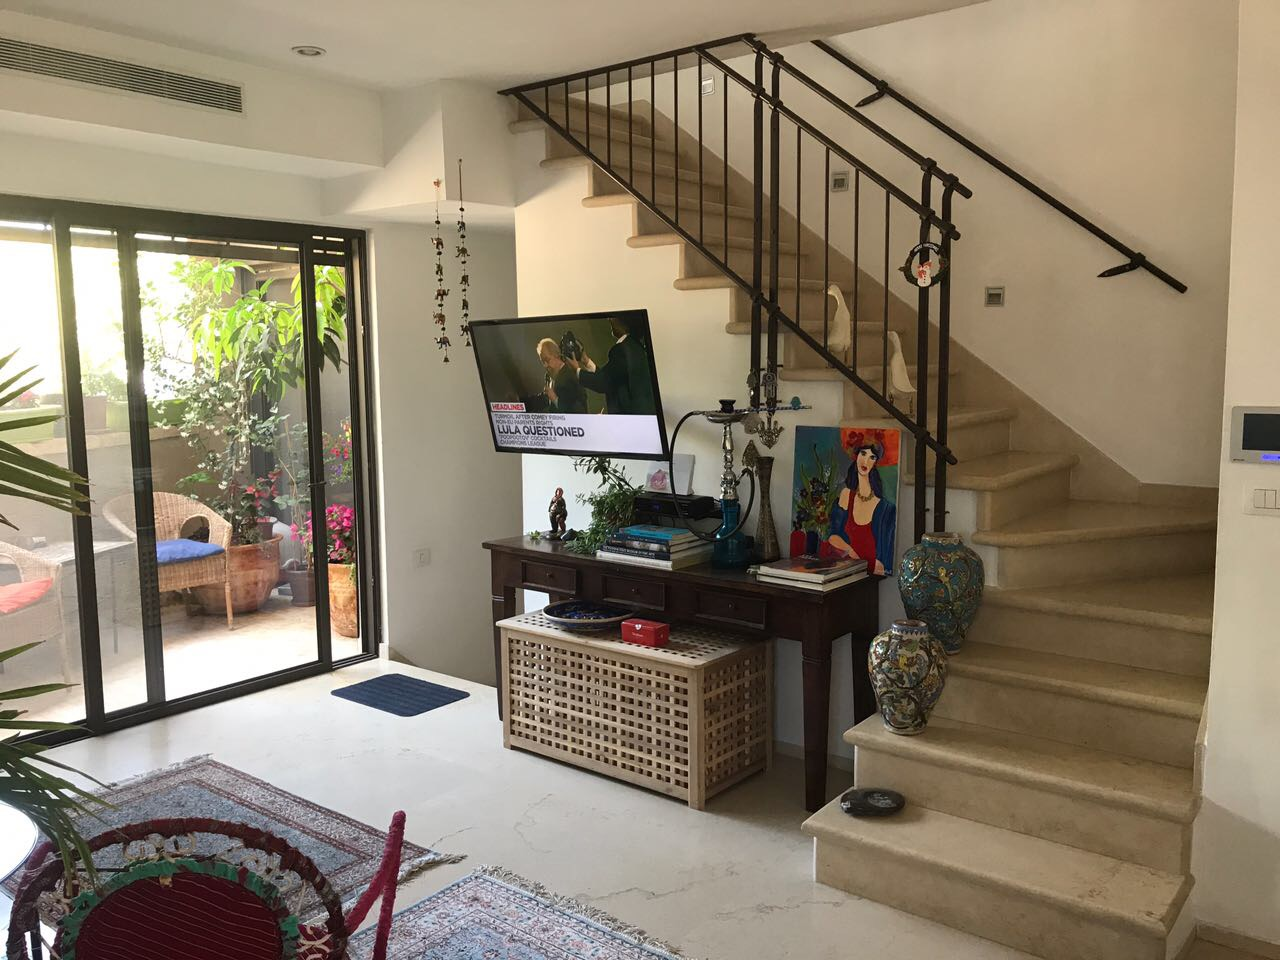 Tranquil & Green 3 Bedroom Apartment for Rent in Tel Aviv's Lovely Neve Tzedek Quarter